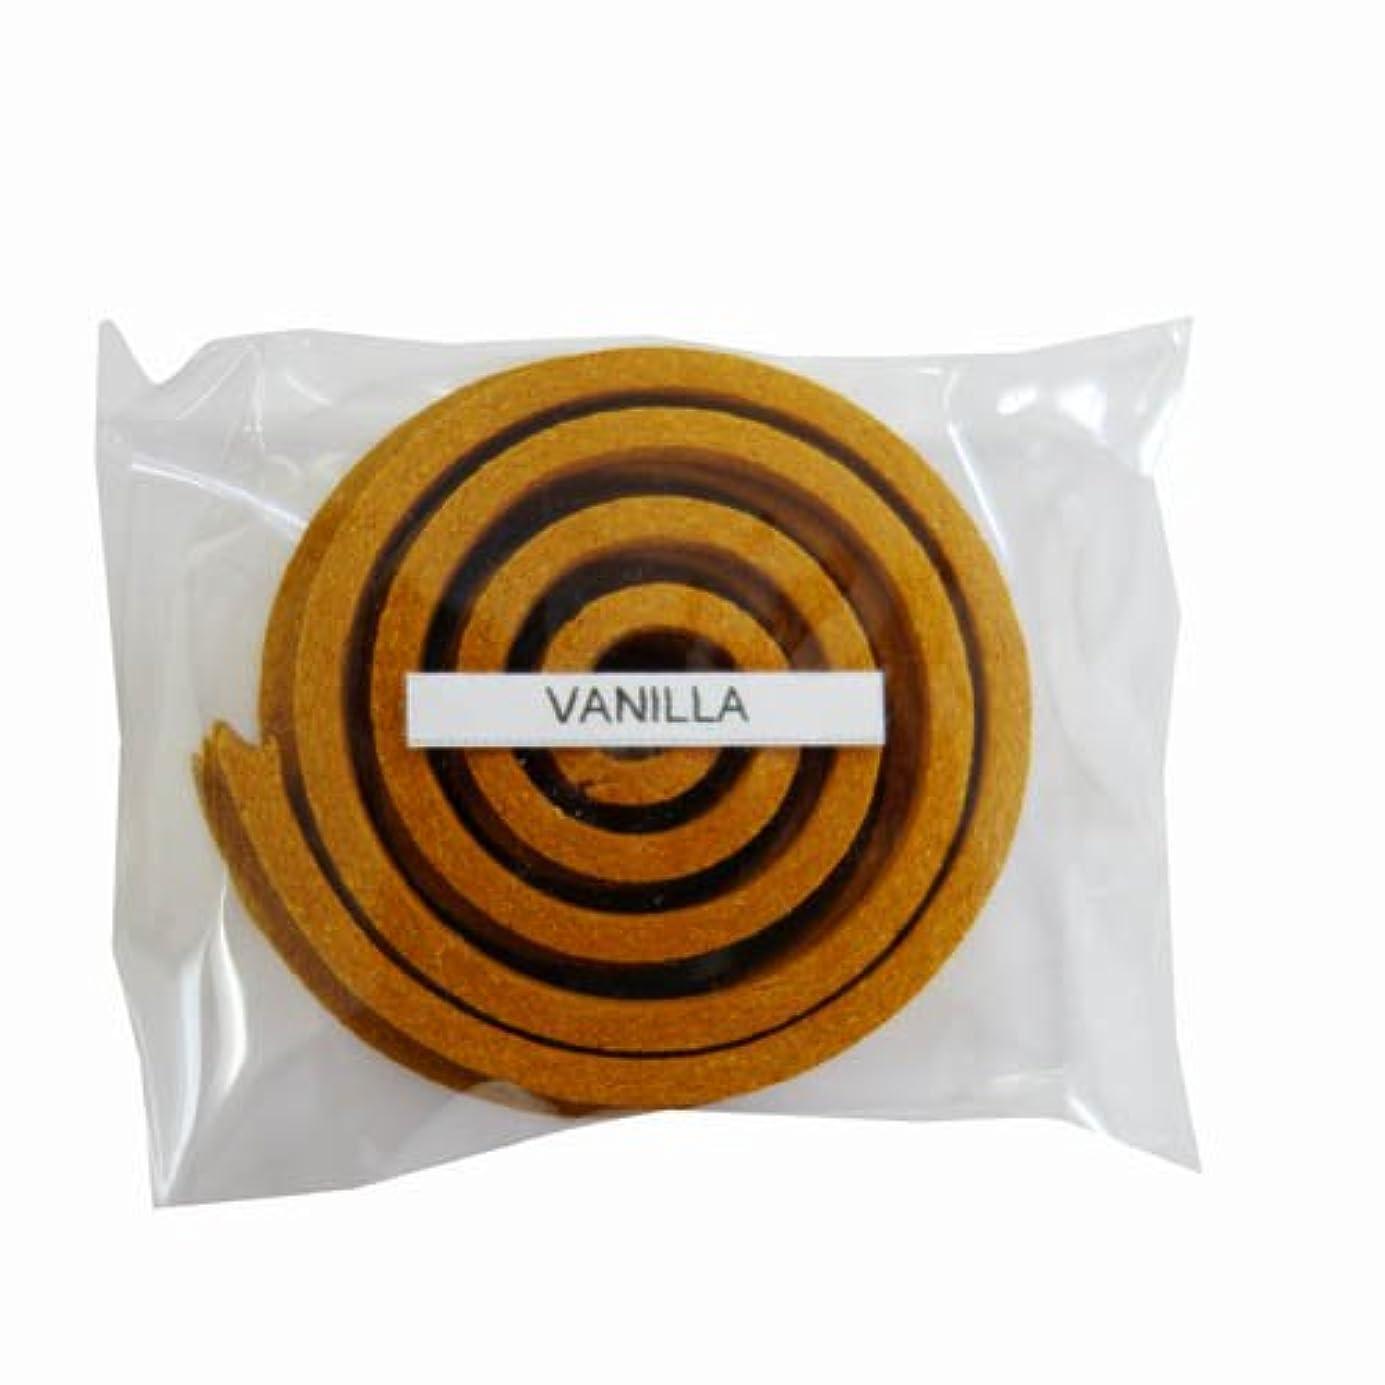 パラメータ会議敬なお香/うずまき香 VANILLA バニラ 直径5cm×5巻セット [並行輸入品]